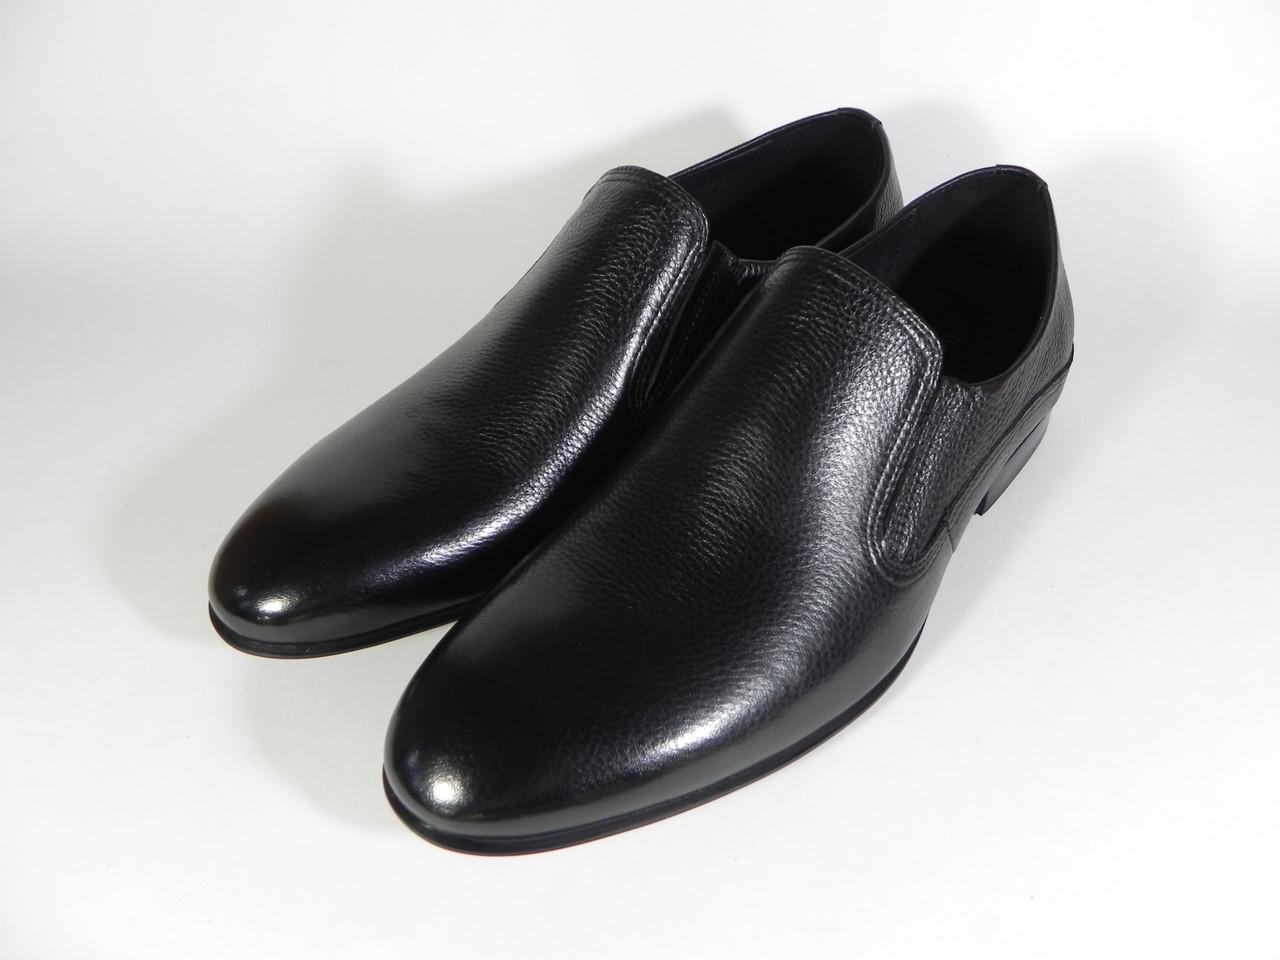 Туфли мужские Boss Victori из натуральной кожи черные  продажа, цена ... 27d2ffb19a6